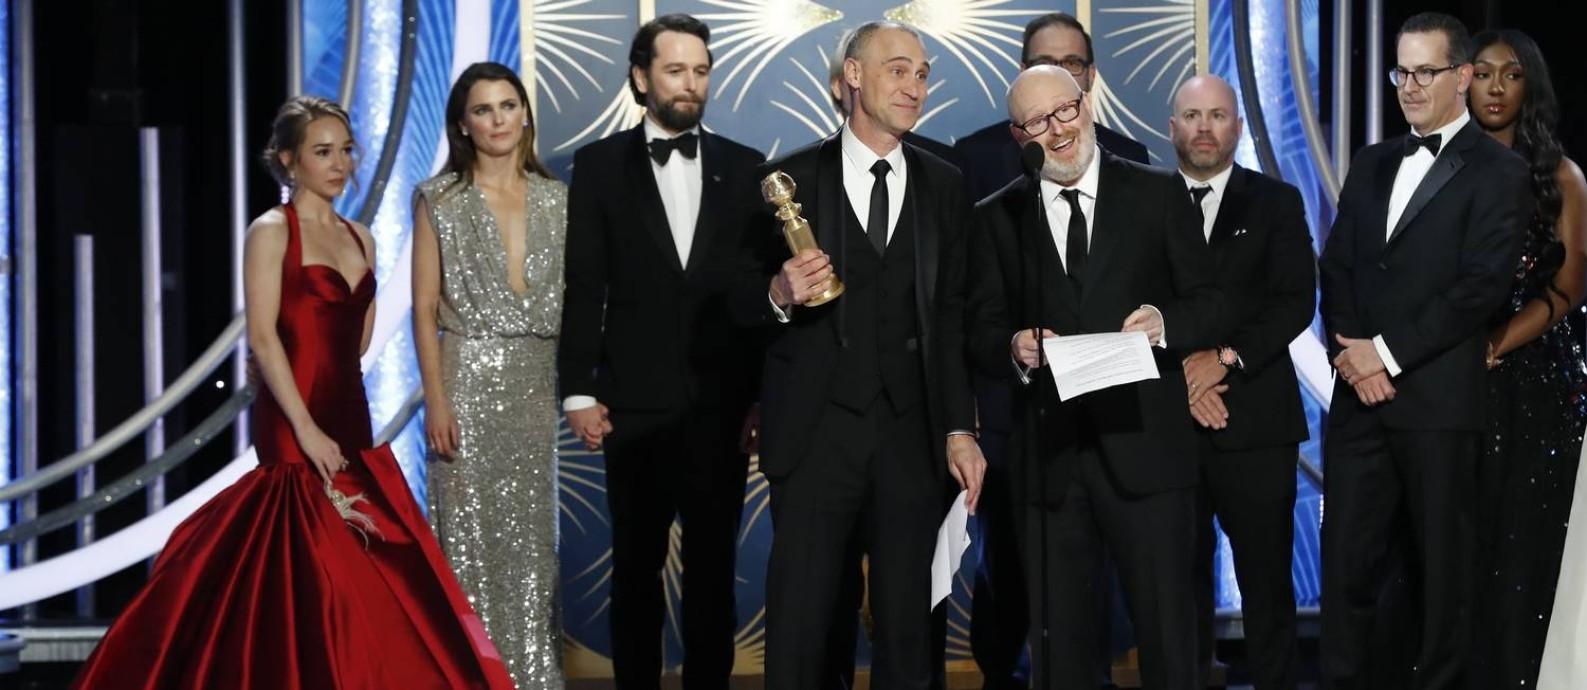 Equipe de 'The americans' recebe o prêmio de melhor série de drama Foto: HANDOUT / REUTERS